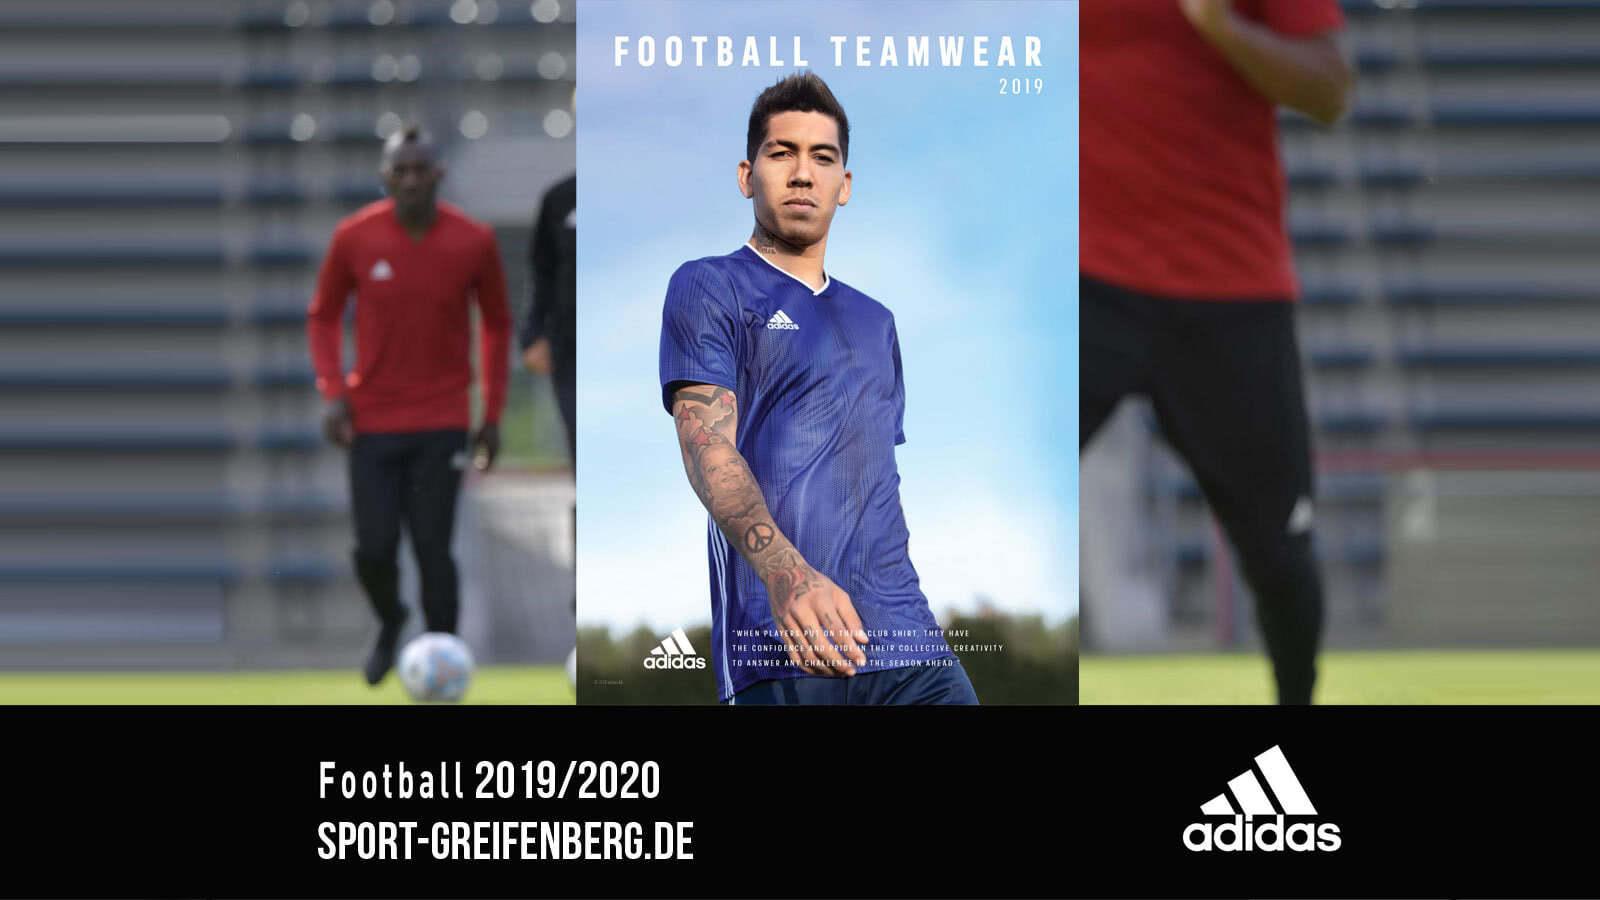 adidas-teamsport-katalog-2019-2020